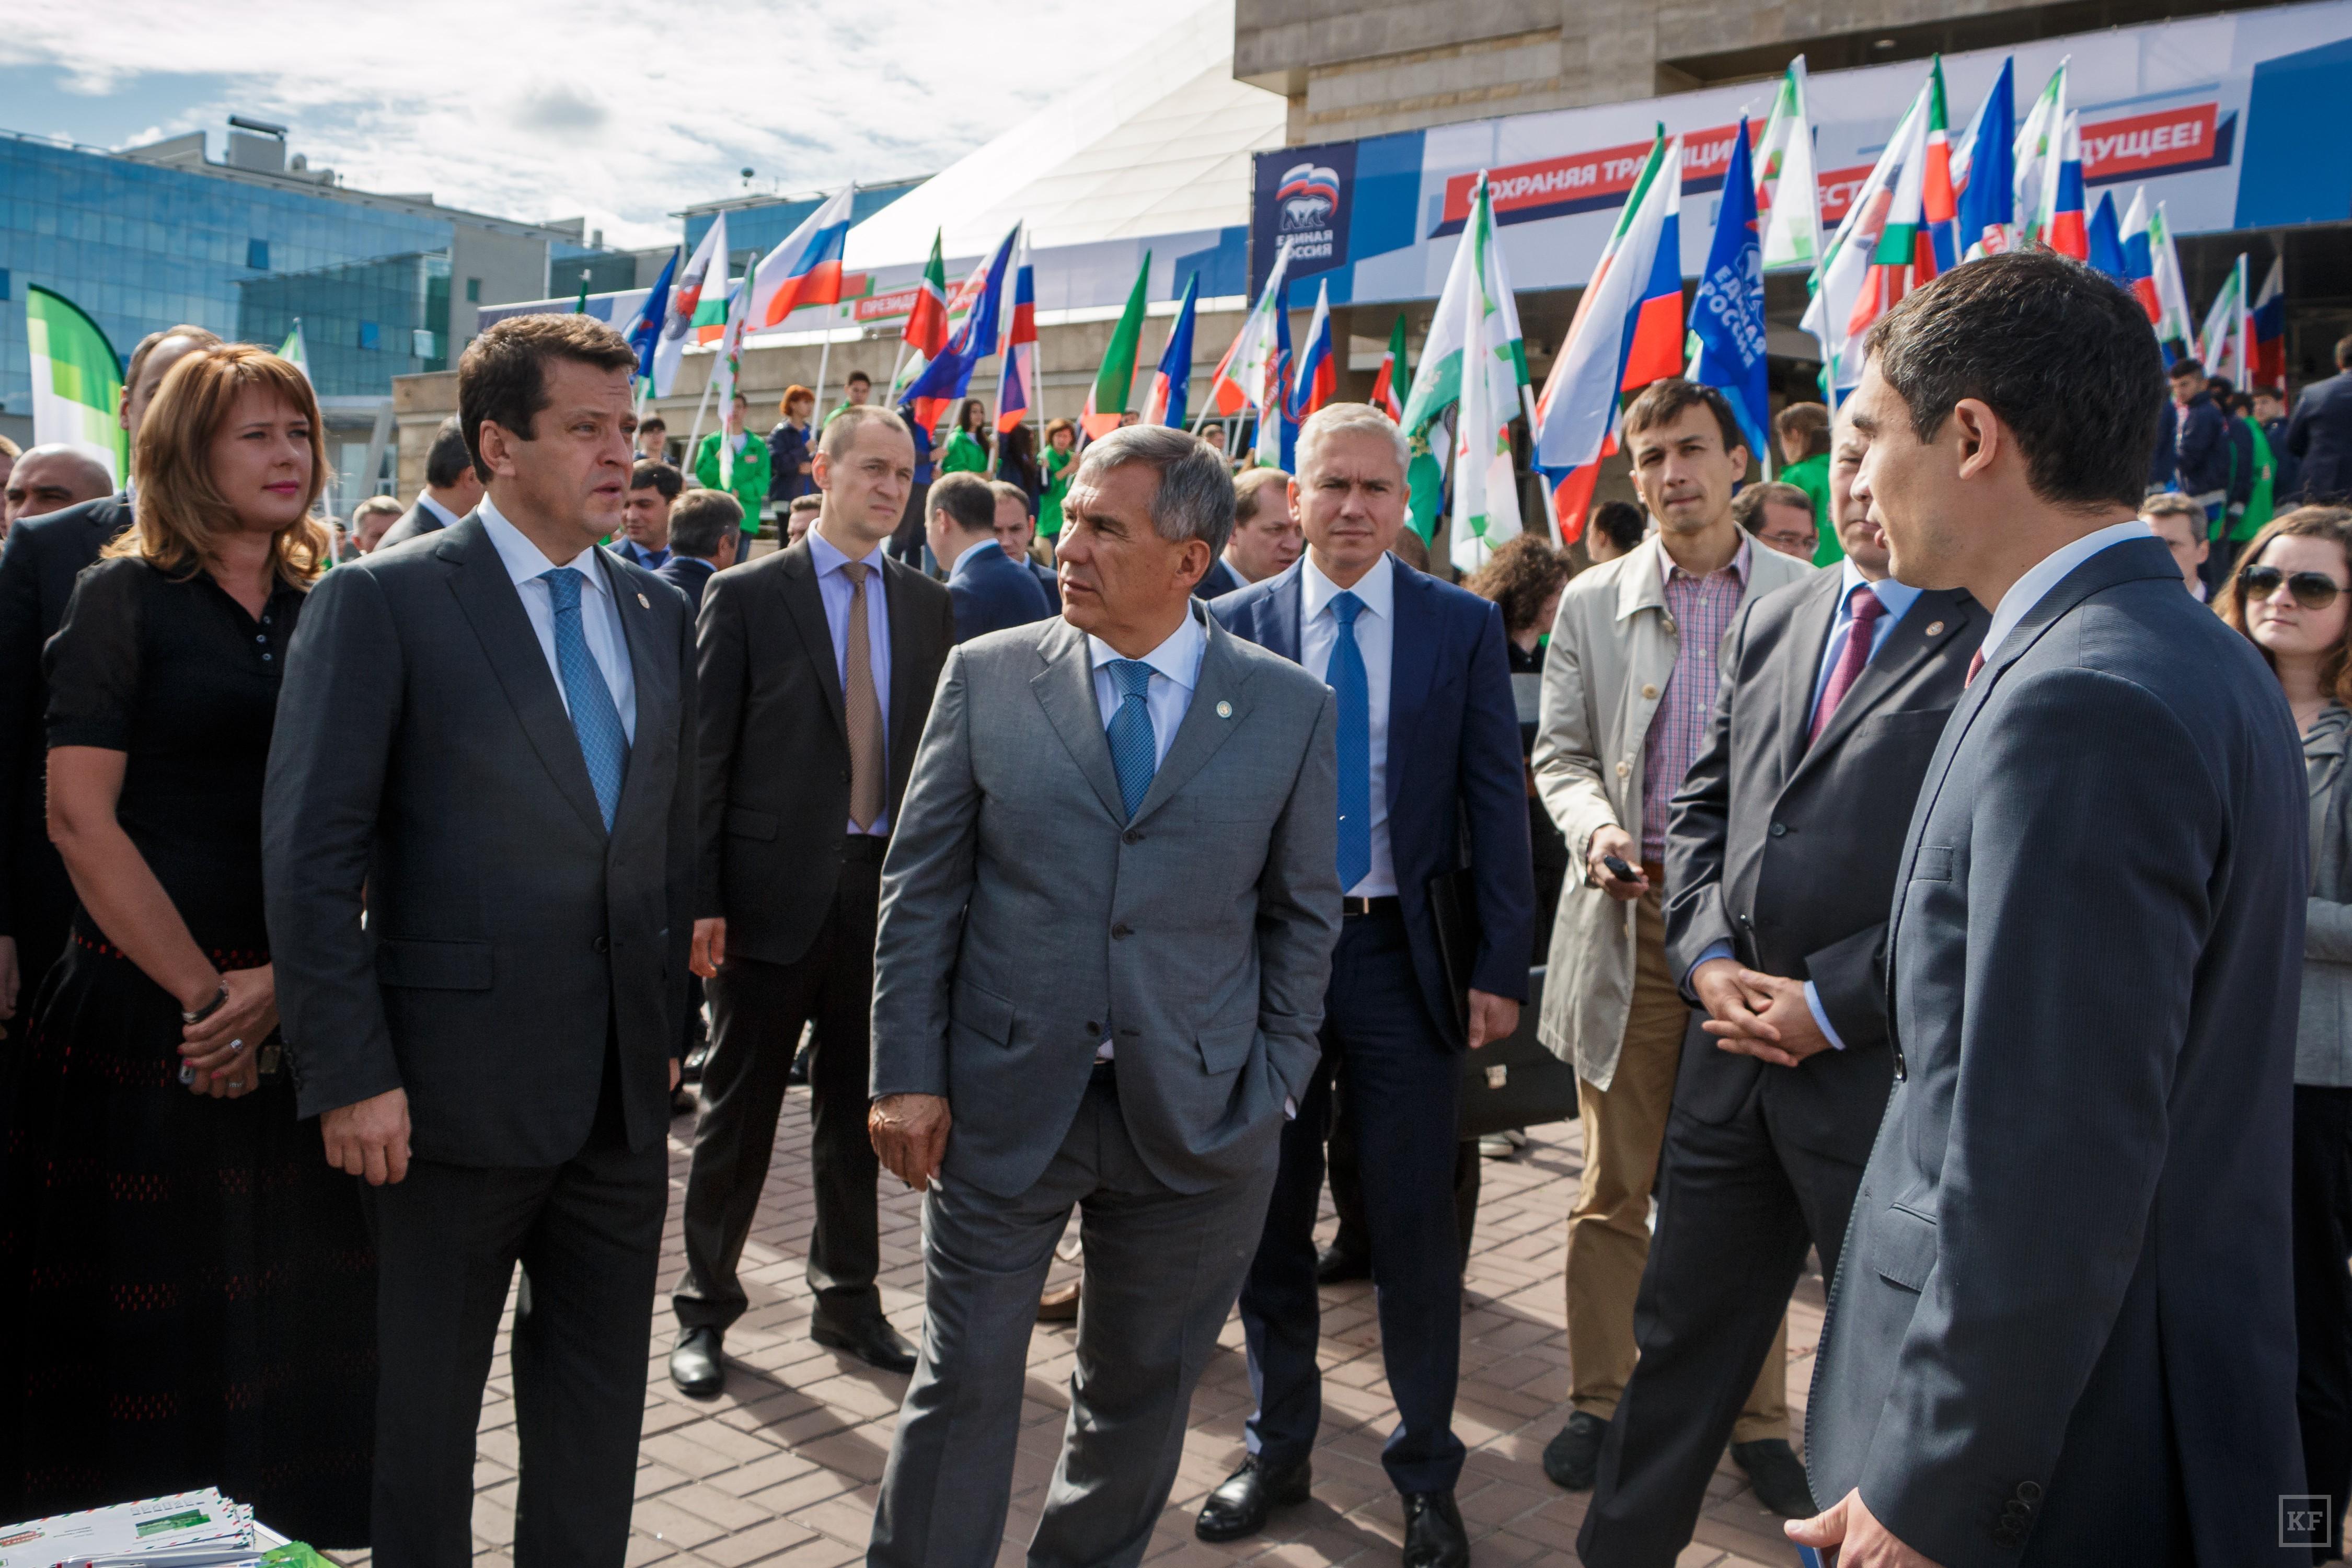 Рустам Минниханов: «Татарстан — это не нахлебник какой-то, кому дают какие-то деньги, за счет федеральных денег он развивается»